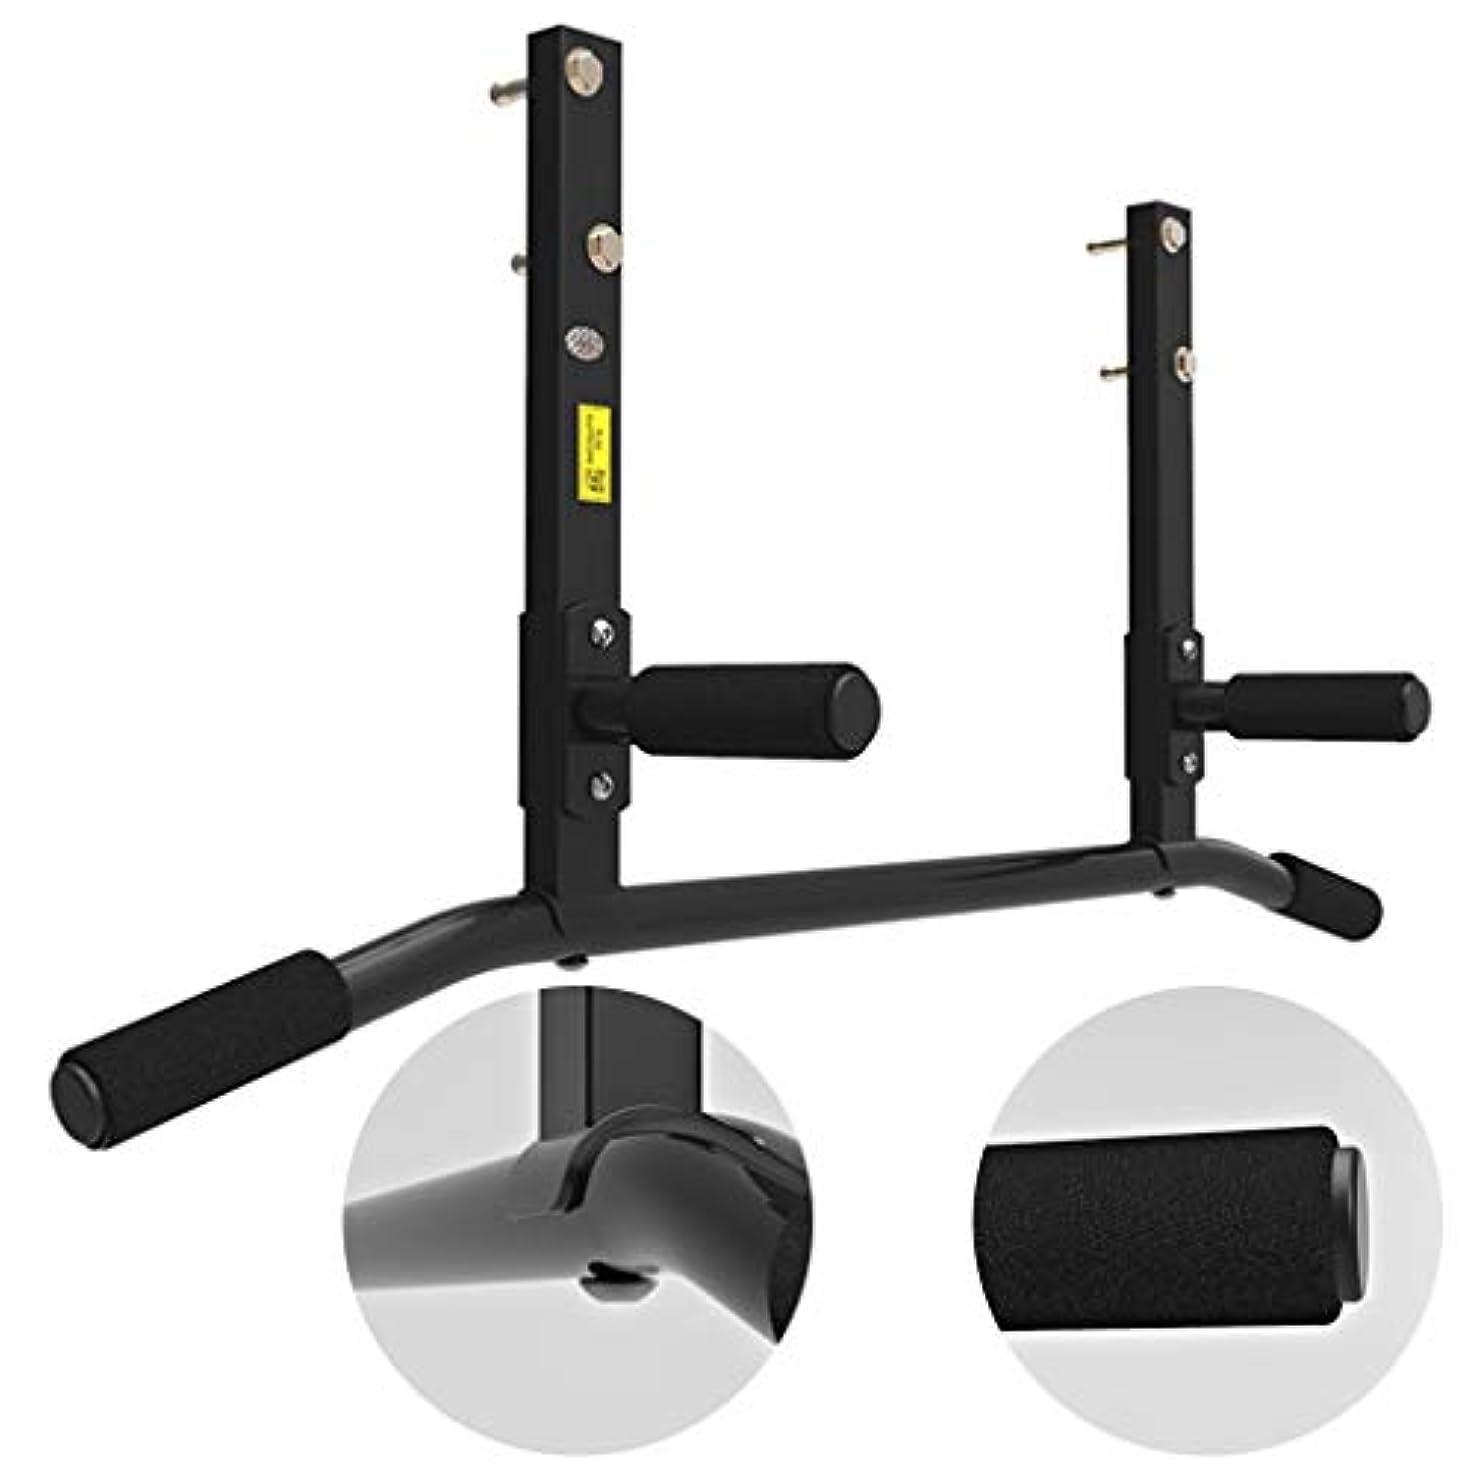 モーター式ところで腹筋器具 平行棒 スポーツフィットネス機器 家庭用屋内プルアップ 壁取り付け壁水平バー プルアップ (Color : Black, Size : 100*45*15cm)